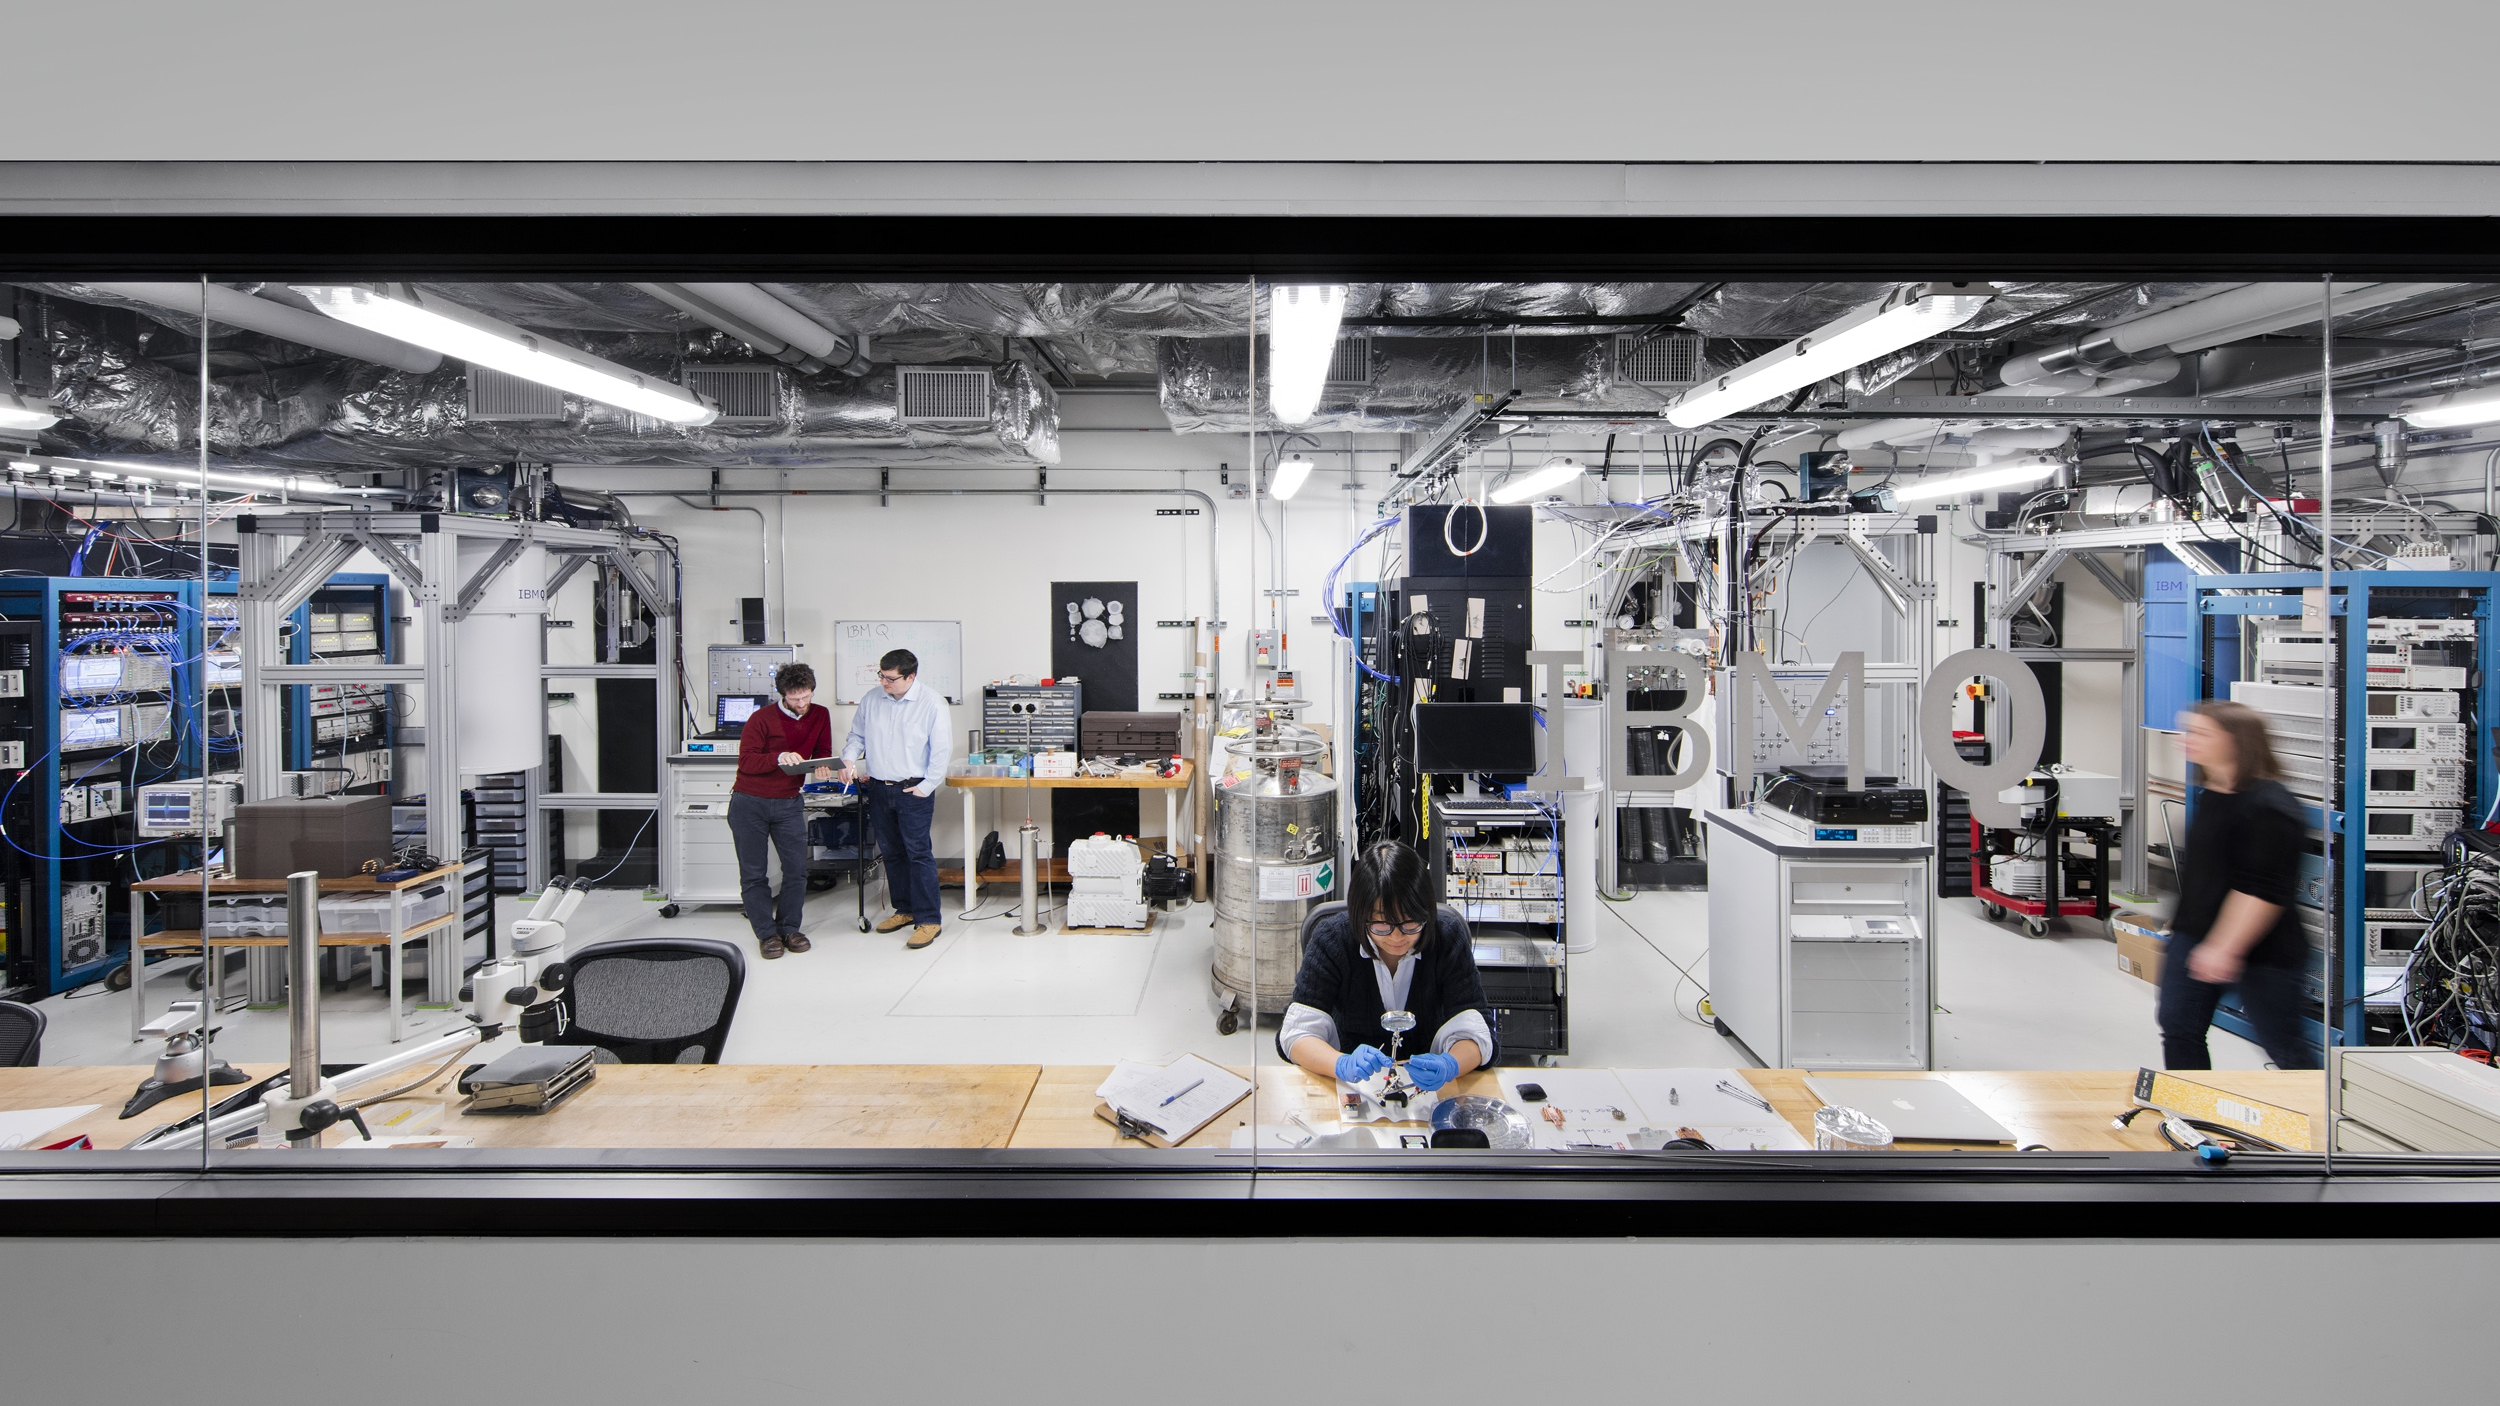 ibm-q-new-quantum-computing-business